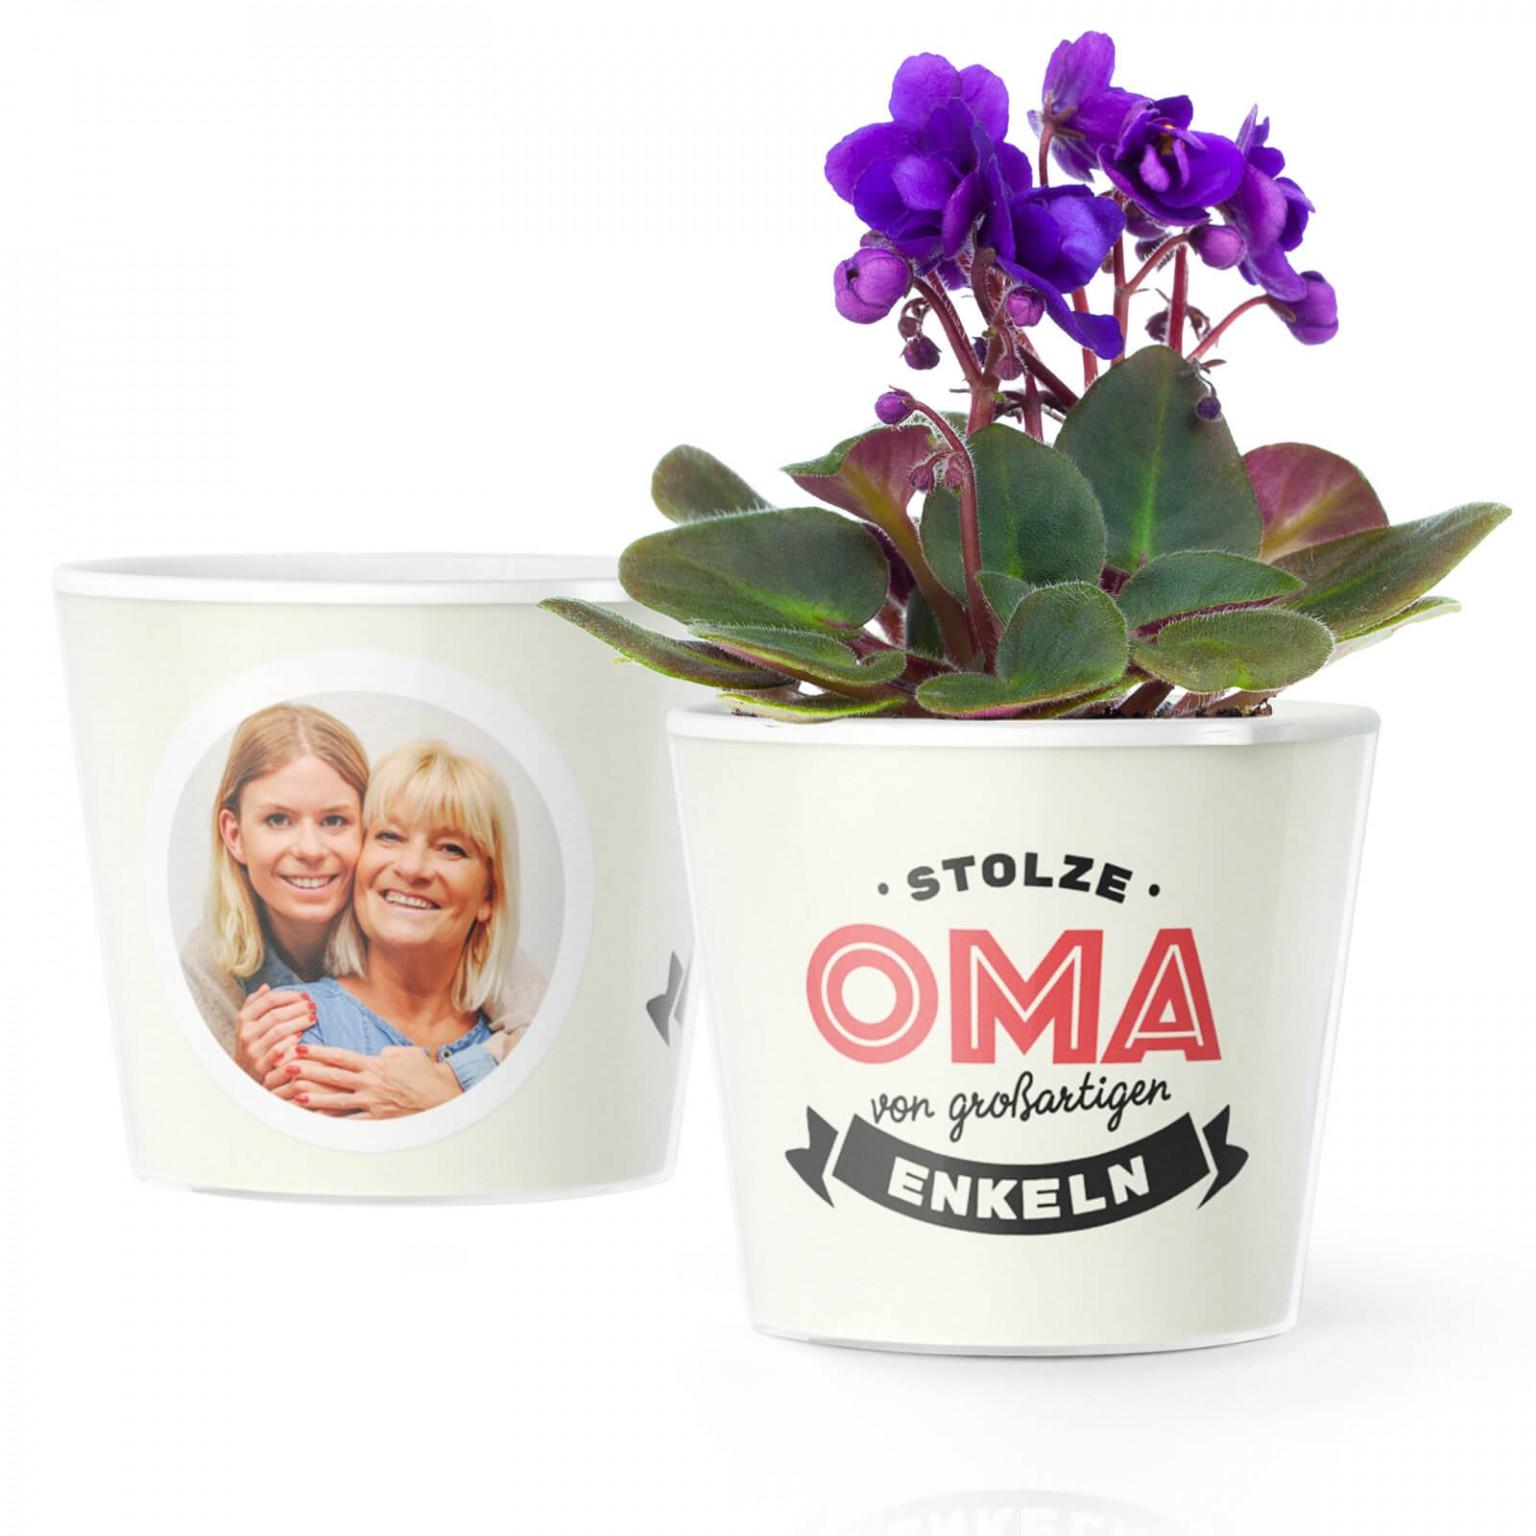 Geschenk für eine Oma von großartigen Enkeln - MyFacepot